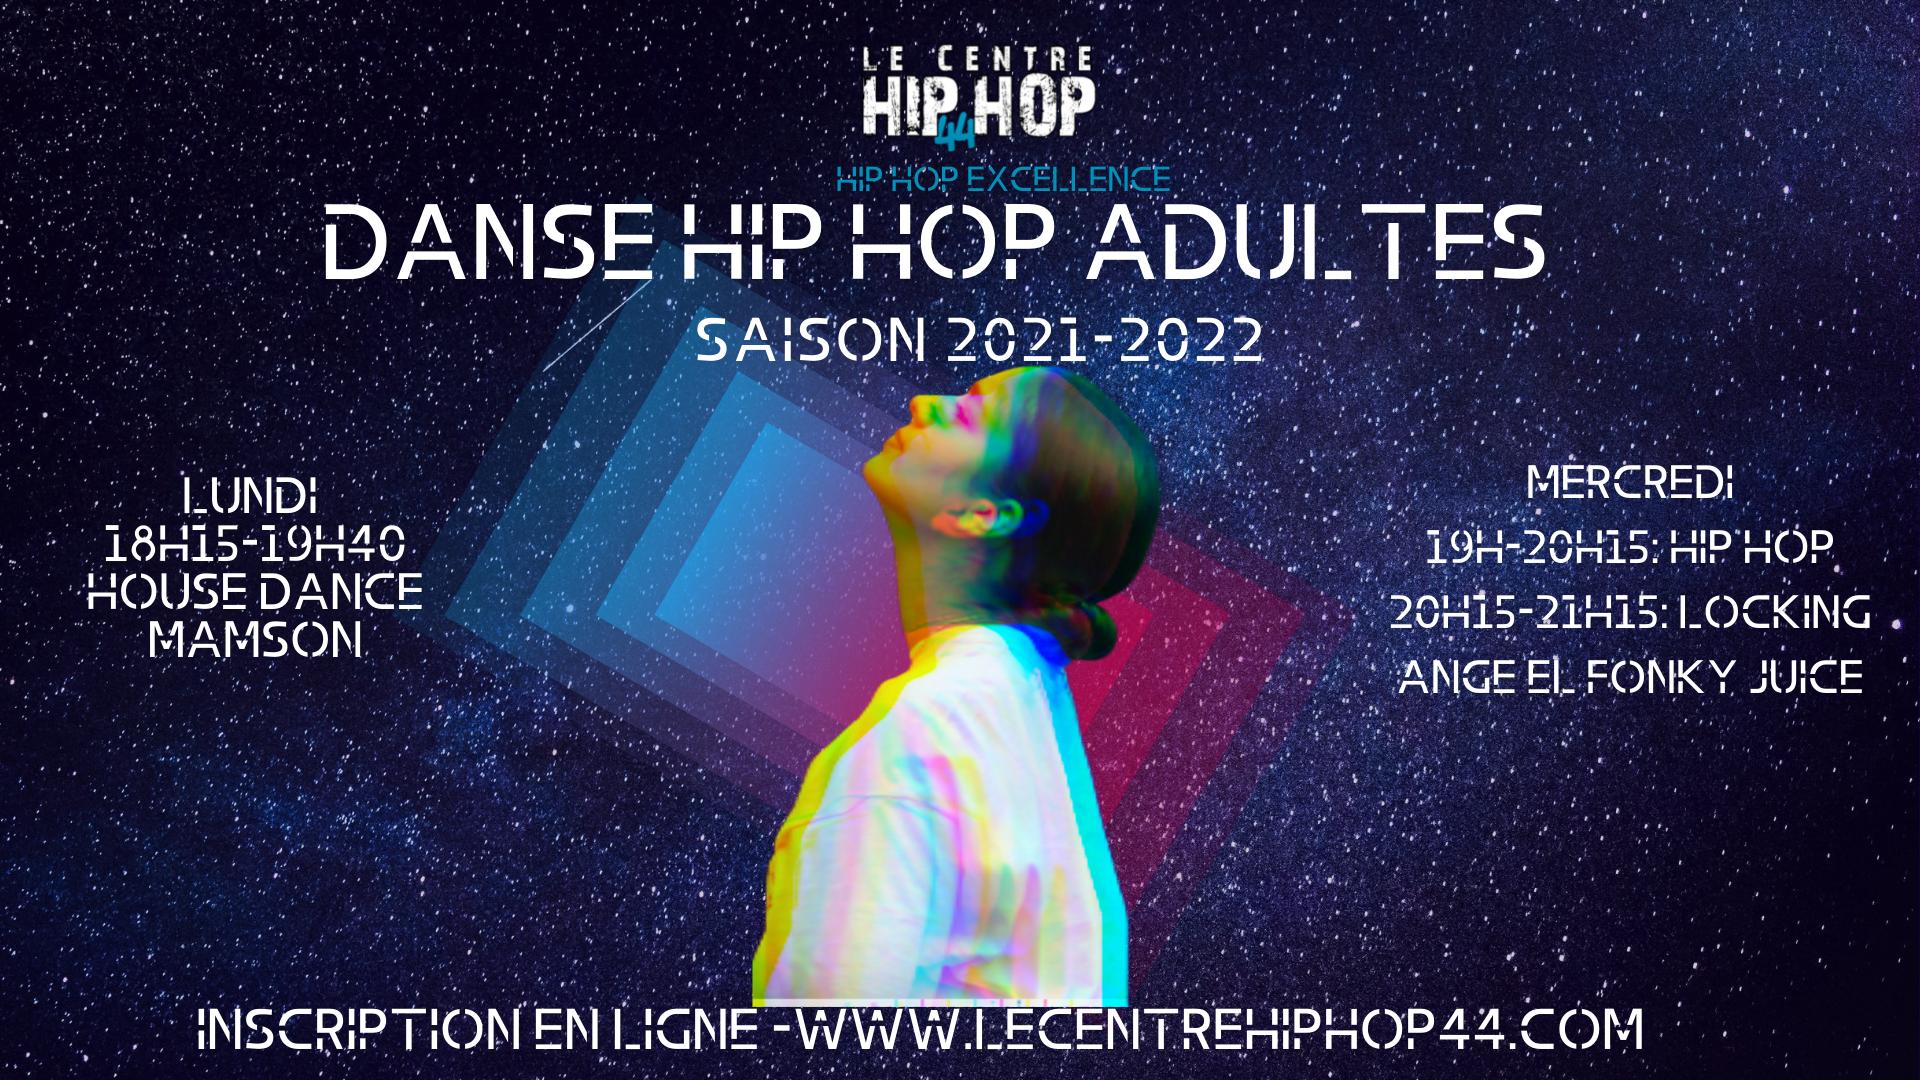 Découvrez le centre hip hop 44